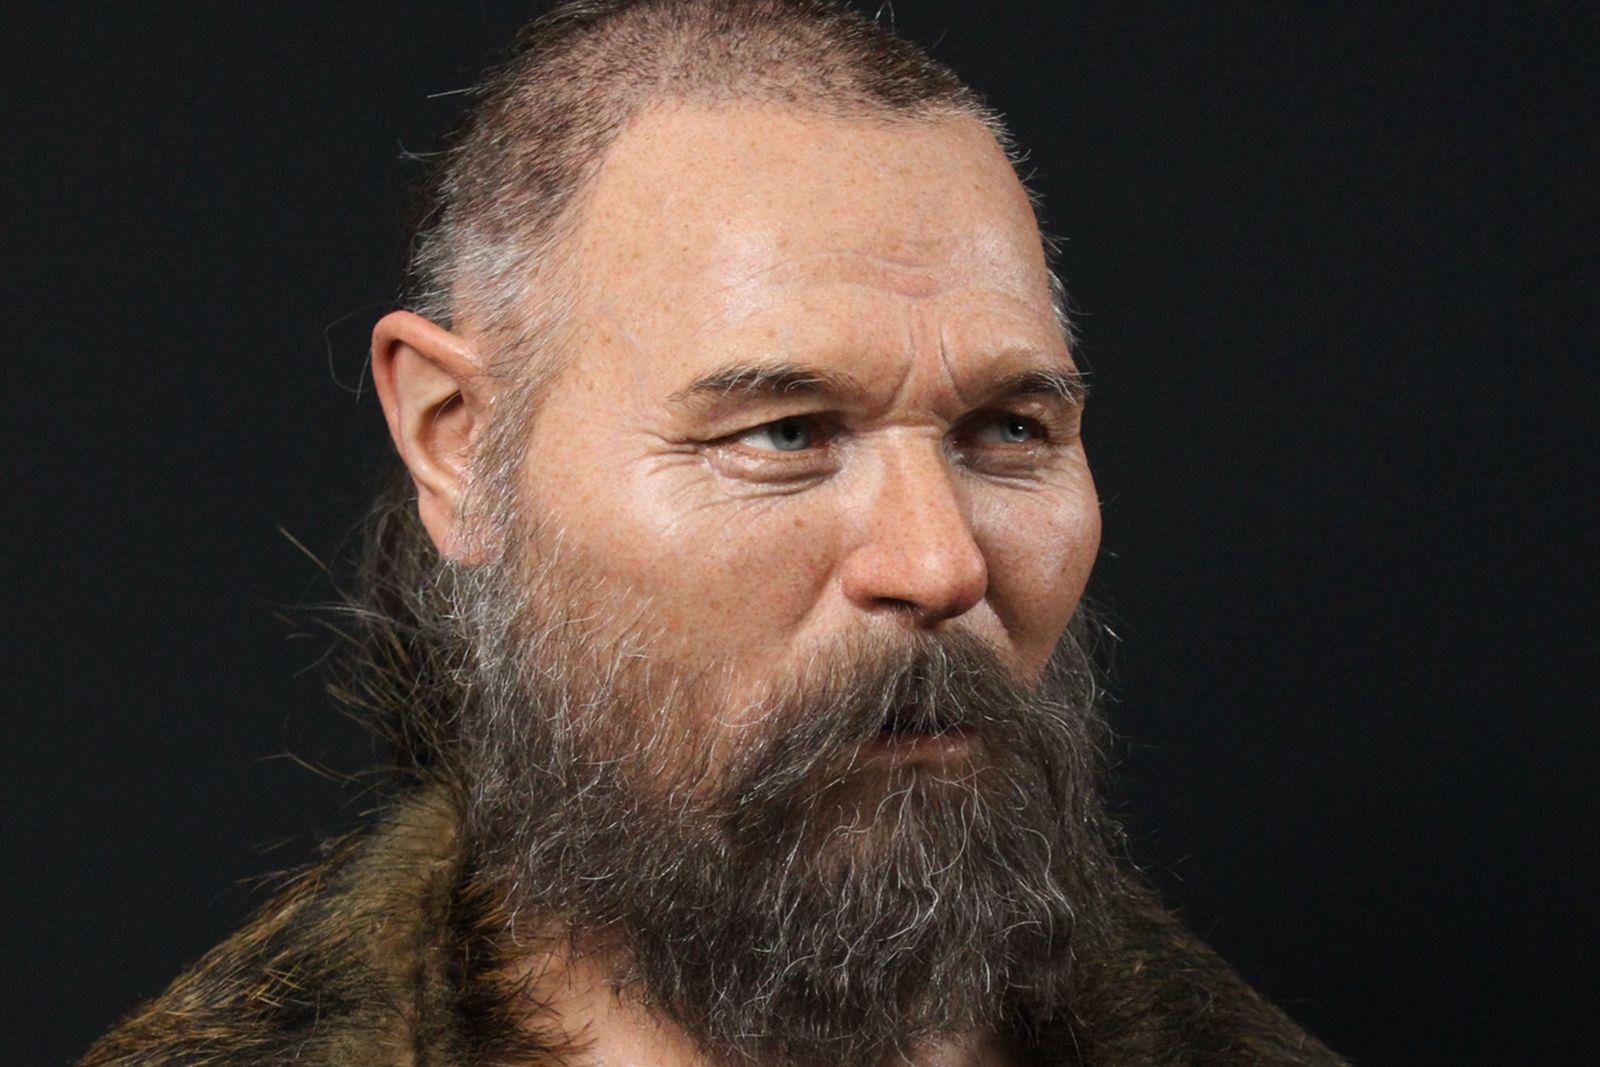 Exclusivo: reconstituído crânio escandinavo encontrado em local de rituais enigmáticos na Suécia